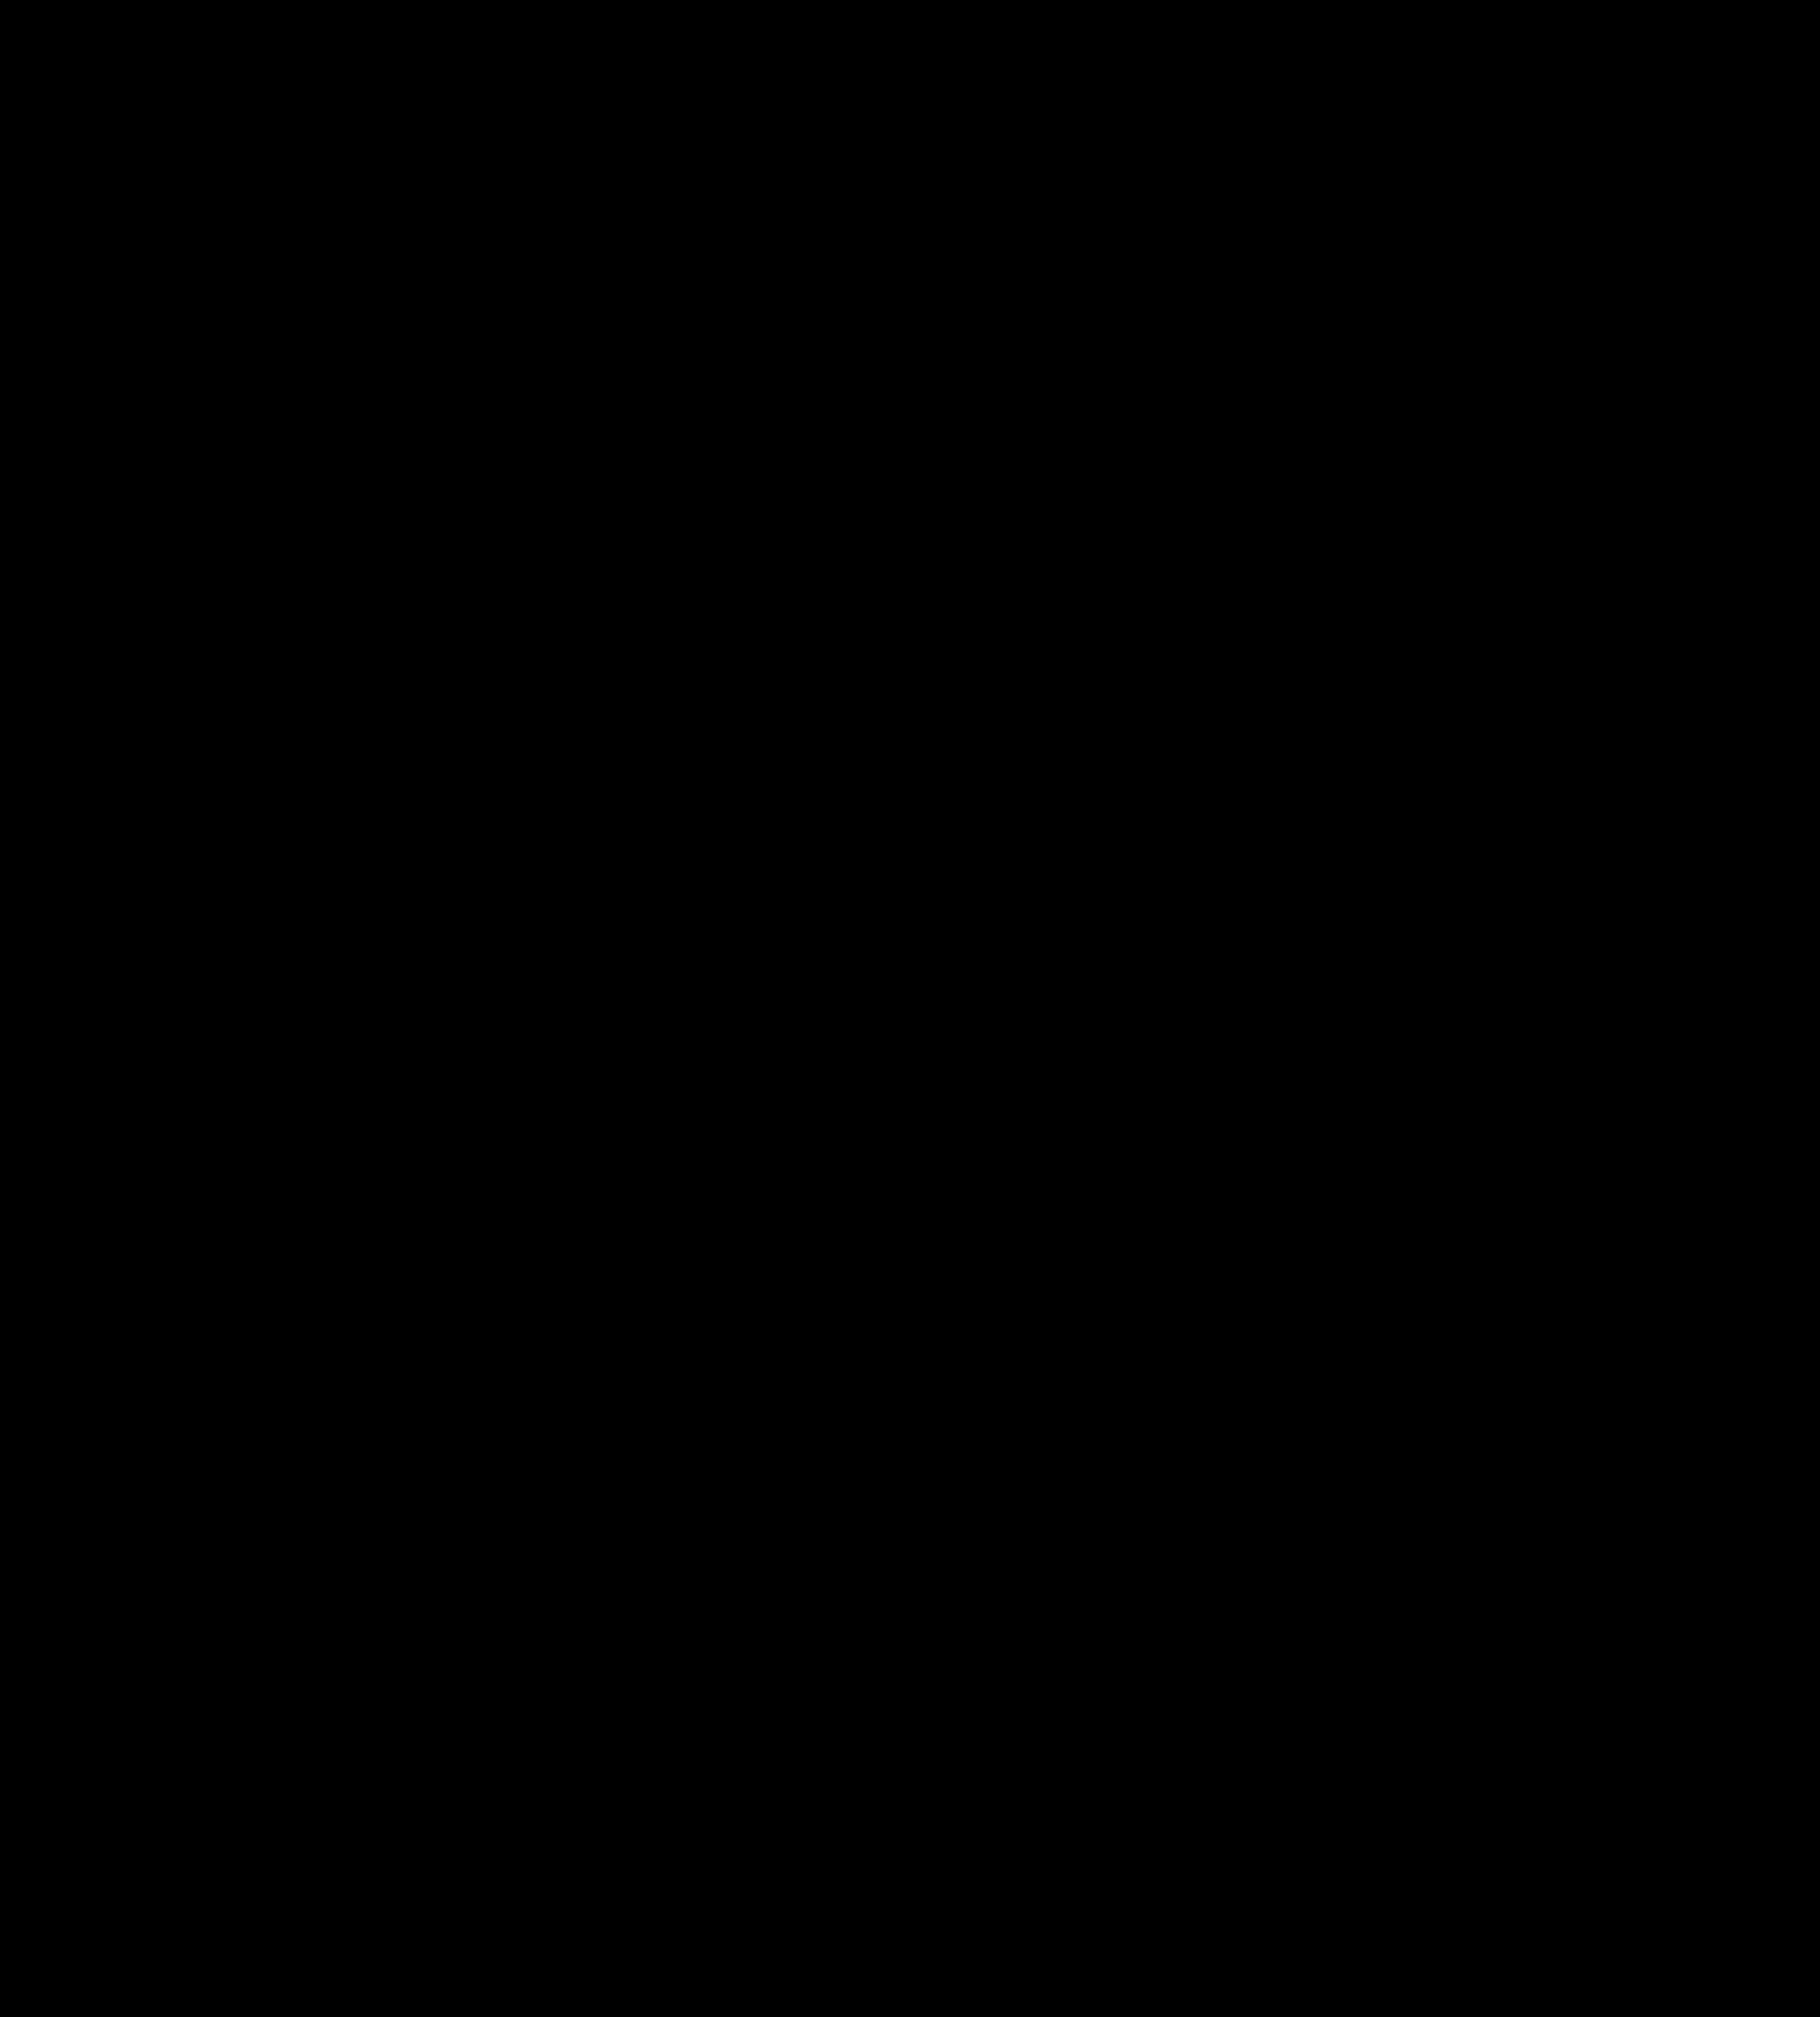 hindu symbols pictures - 768×851